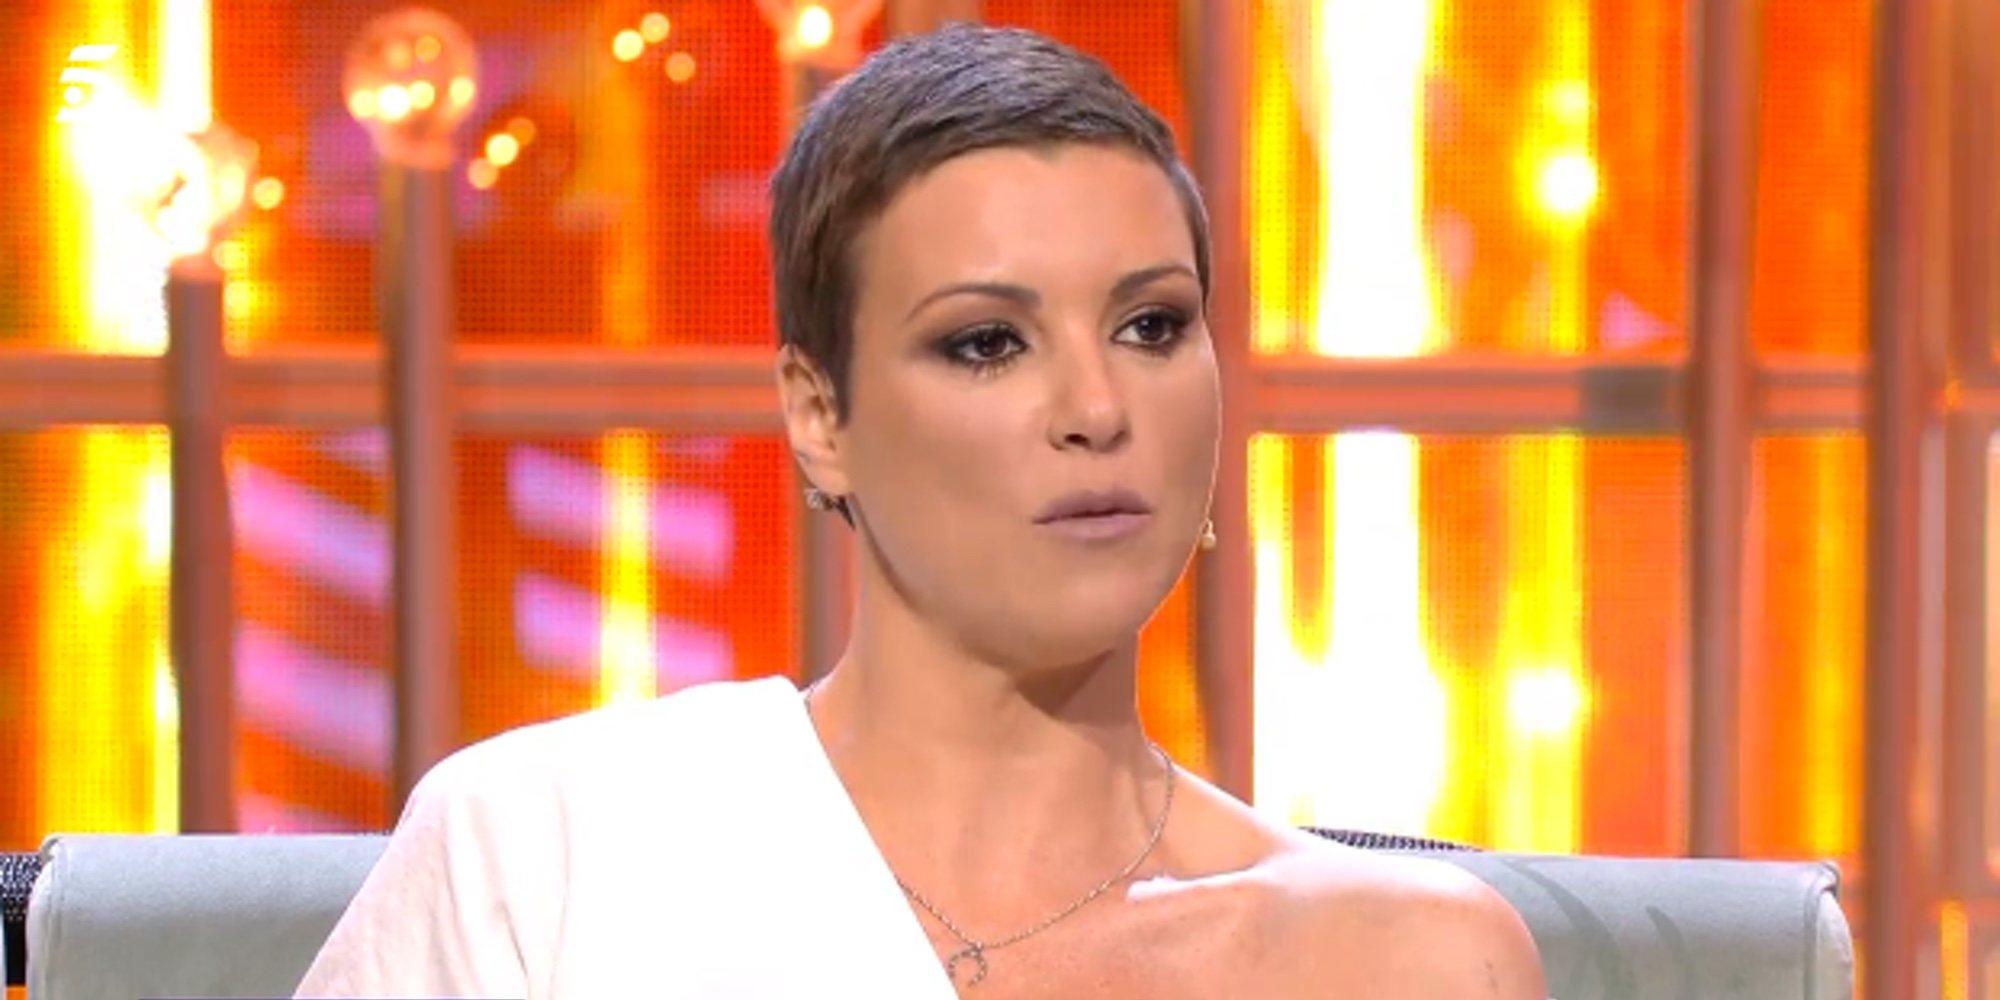 """El zasca de María Jesús Ruiz a Kiko Rivera tras su victoria en 'GH DÚO': """"Lo crees tú, no la audiencia"""""""